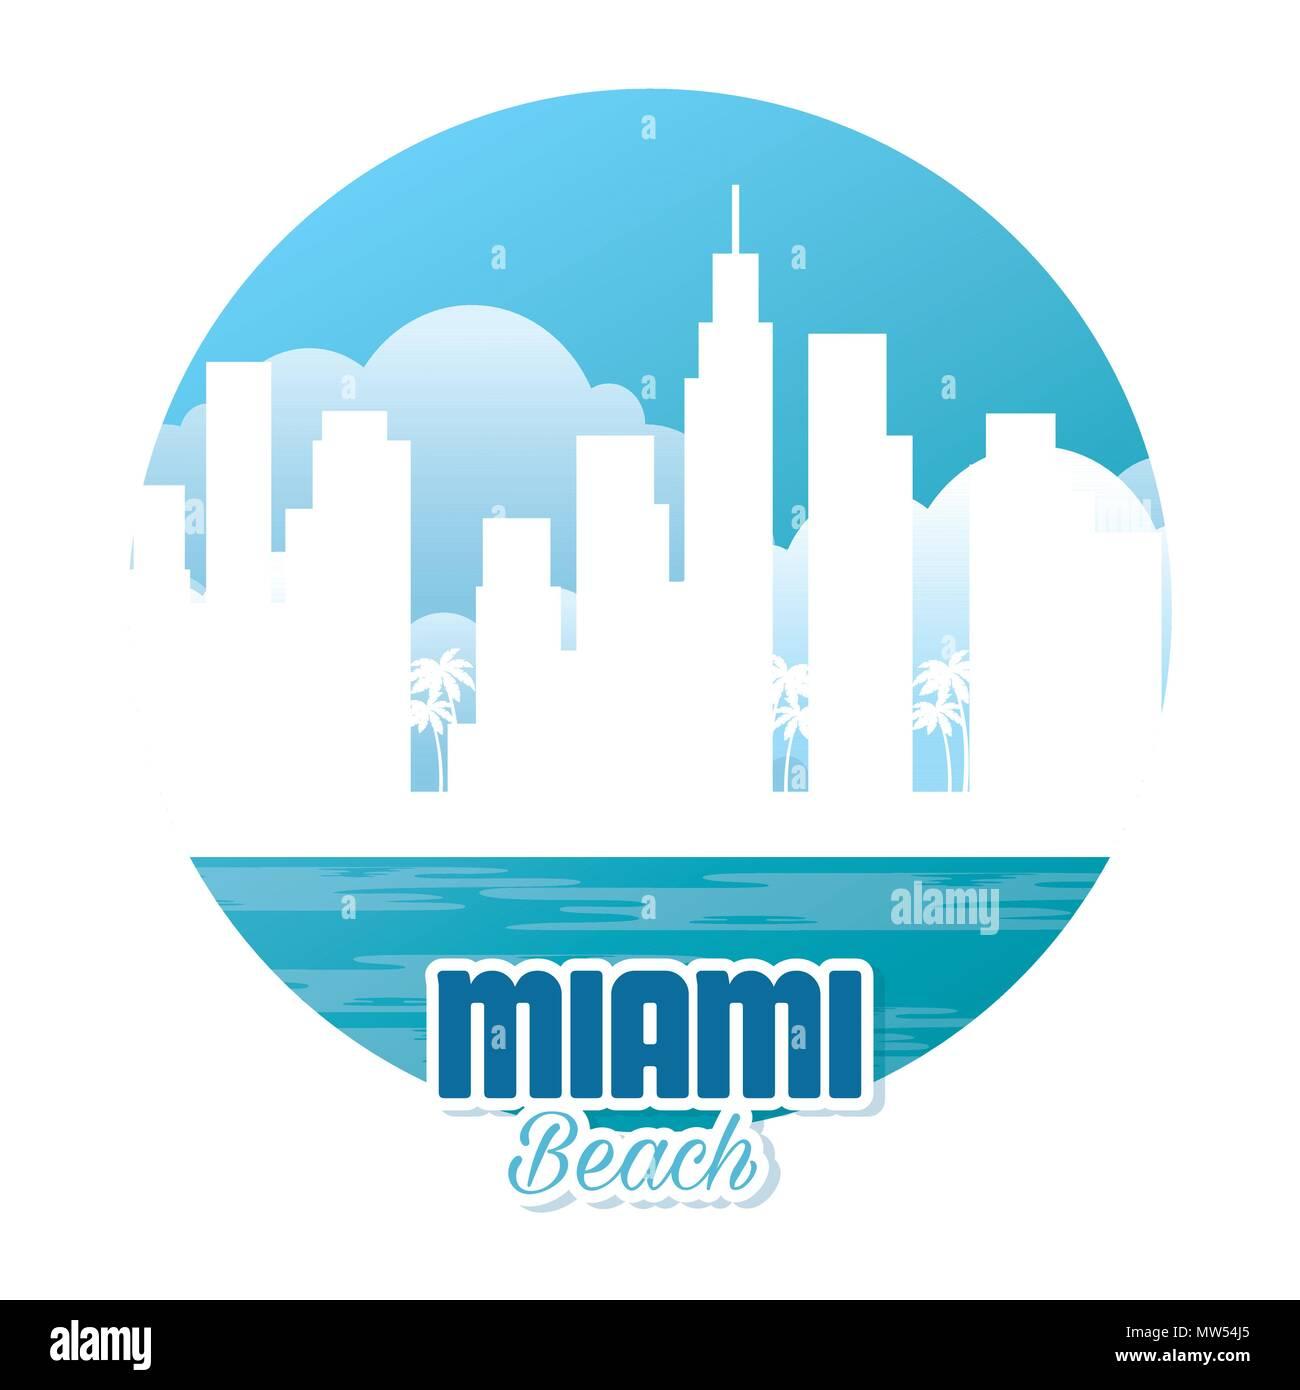 miami beach cityscape scene - Stock Image